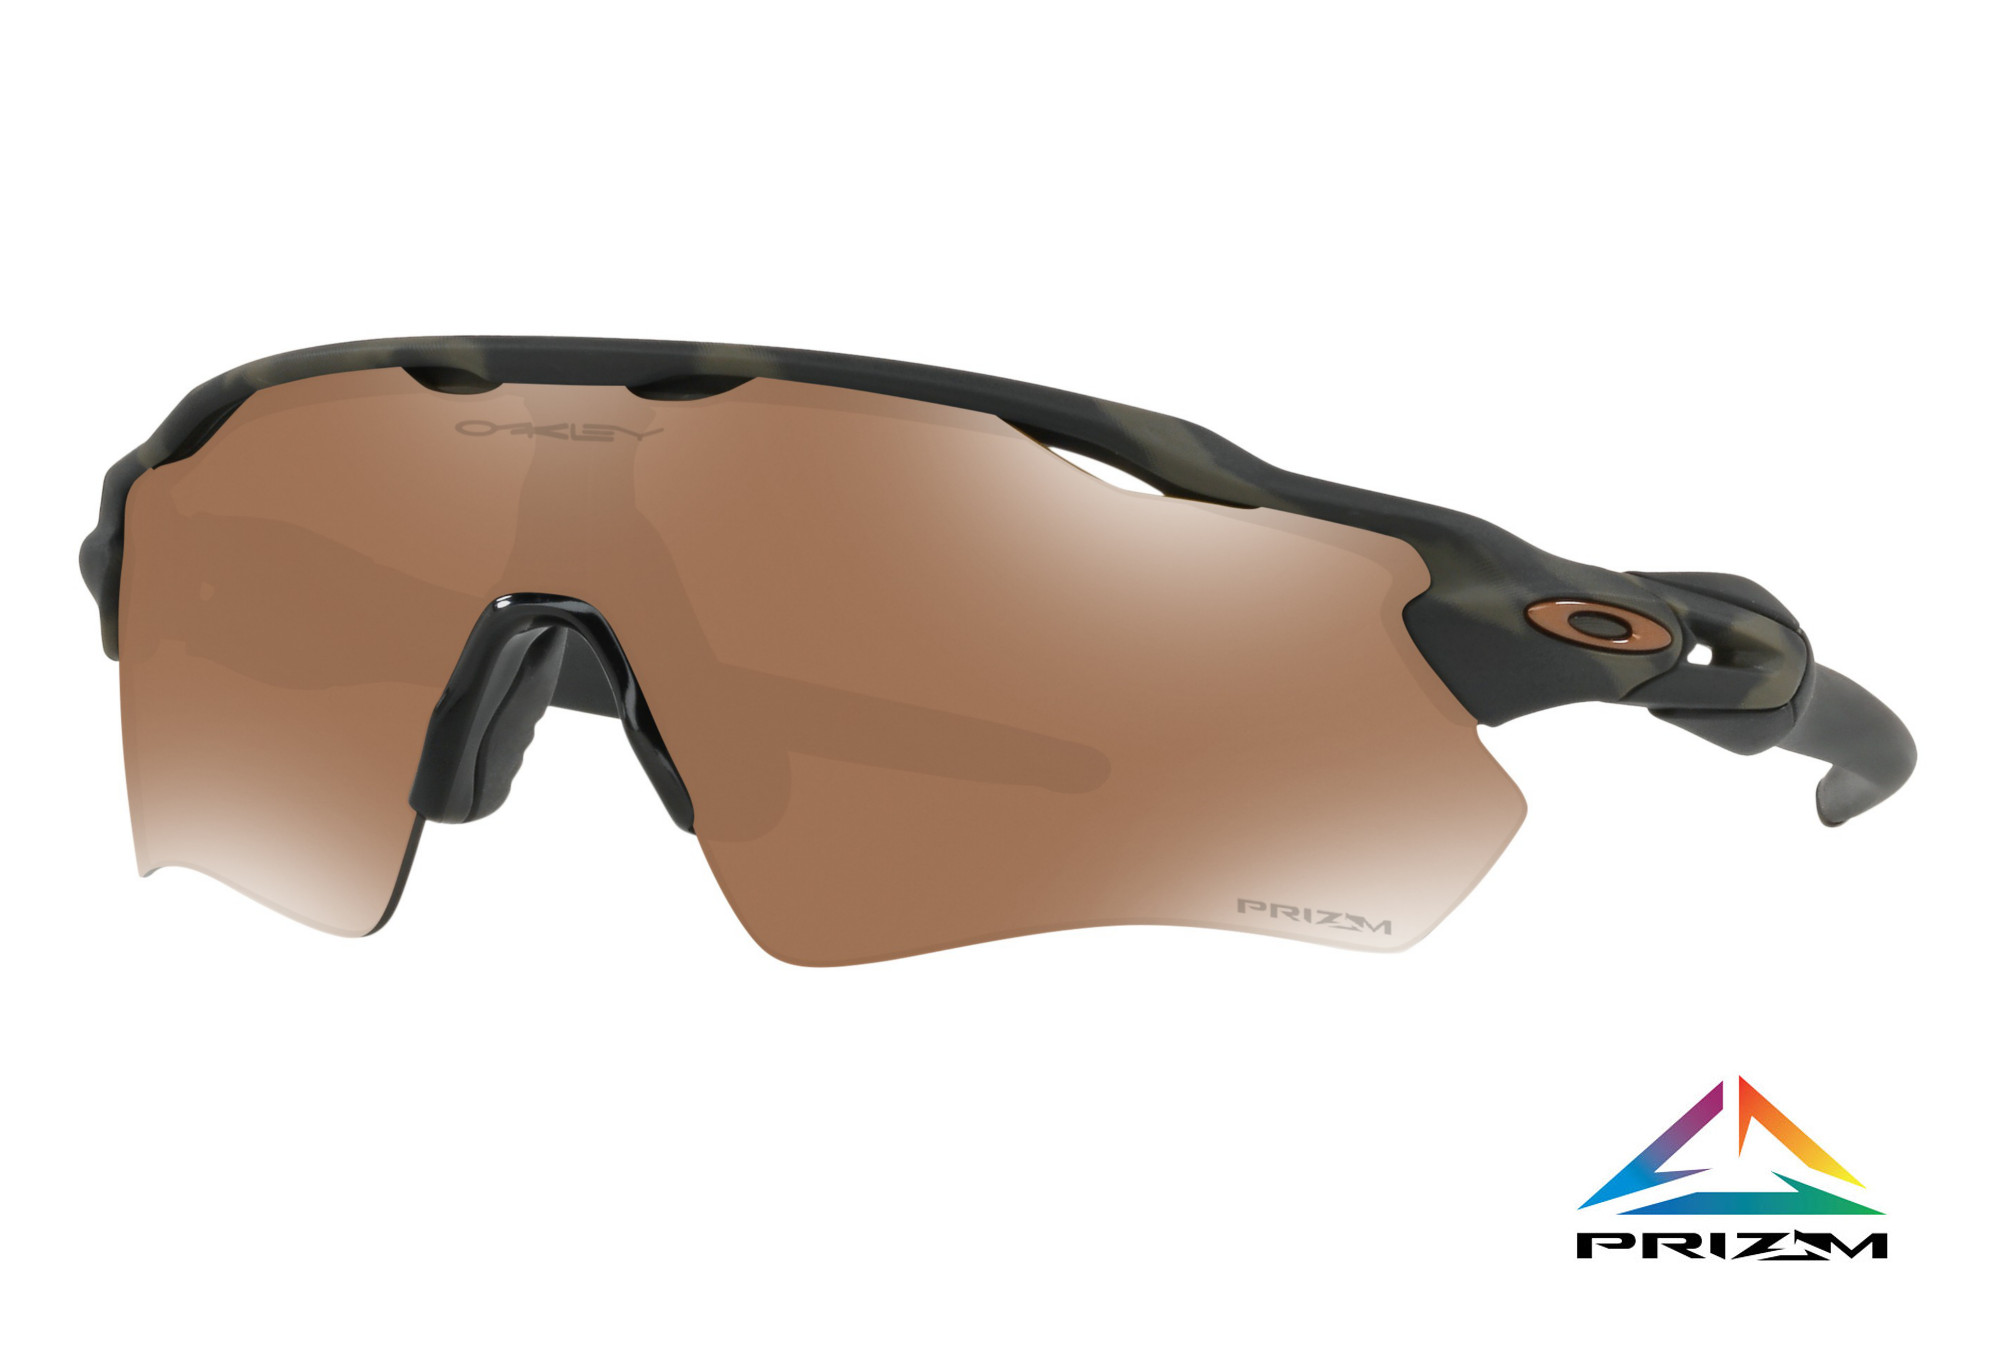 f85169f02d OAKLEY Sunglasses Radar EV Path Olive Camo Prizm Tungsten Ref  OO9208-5438